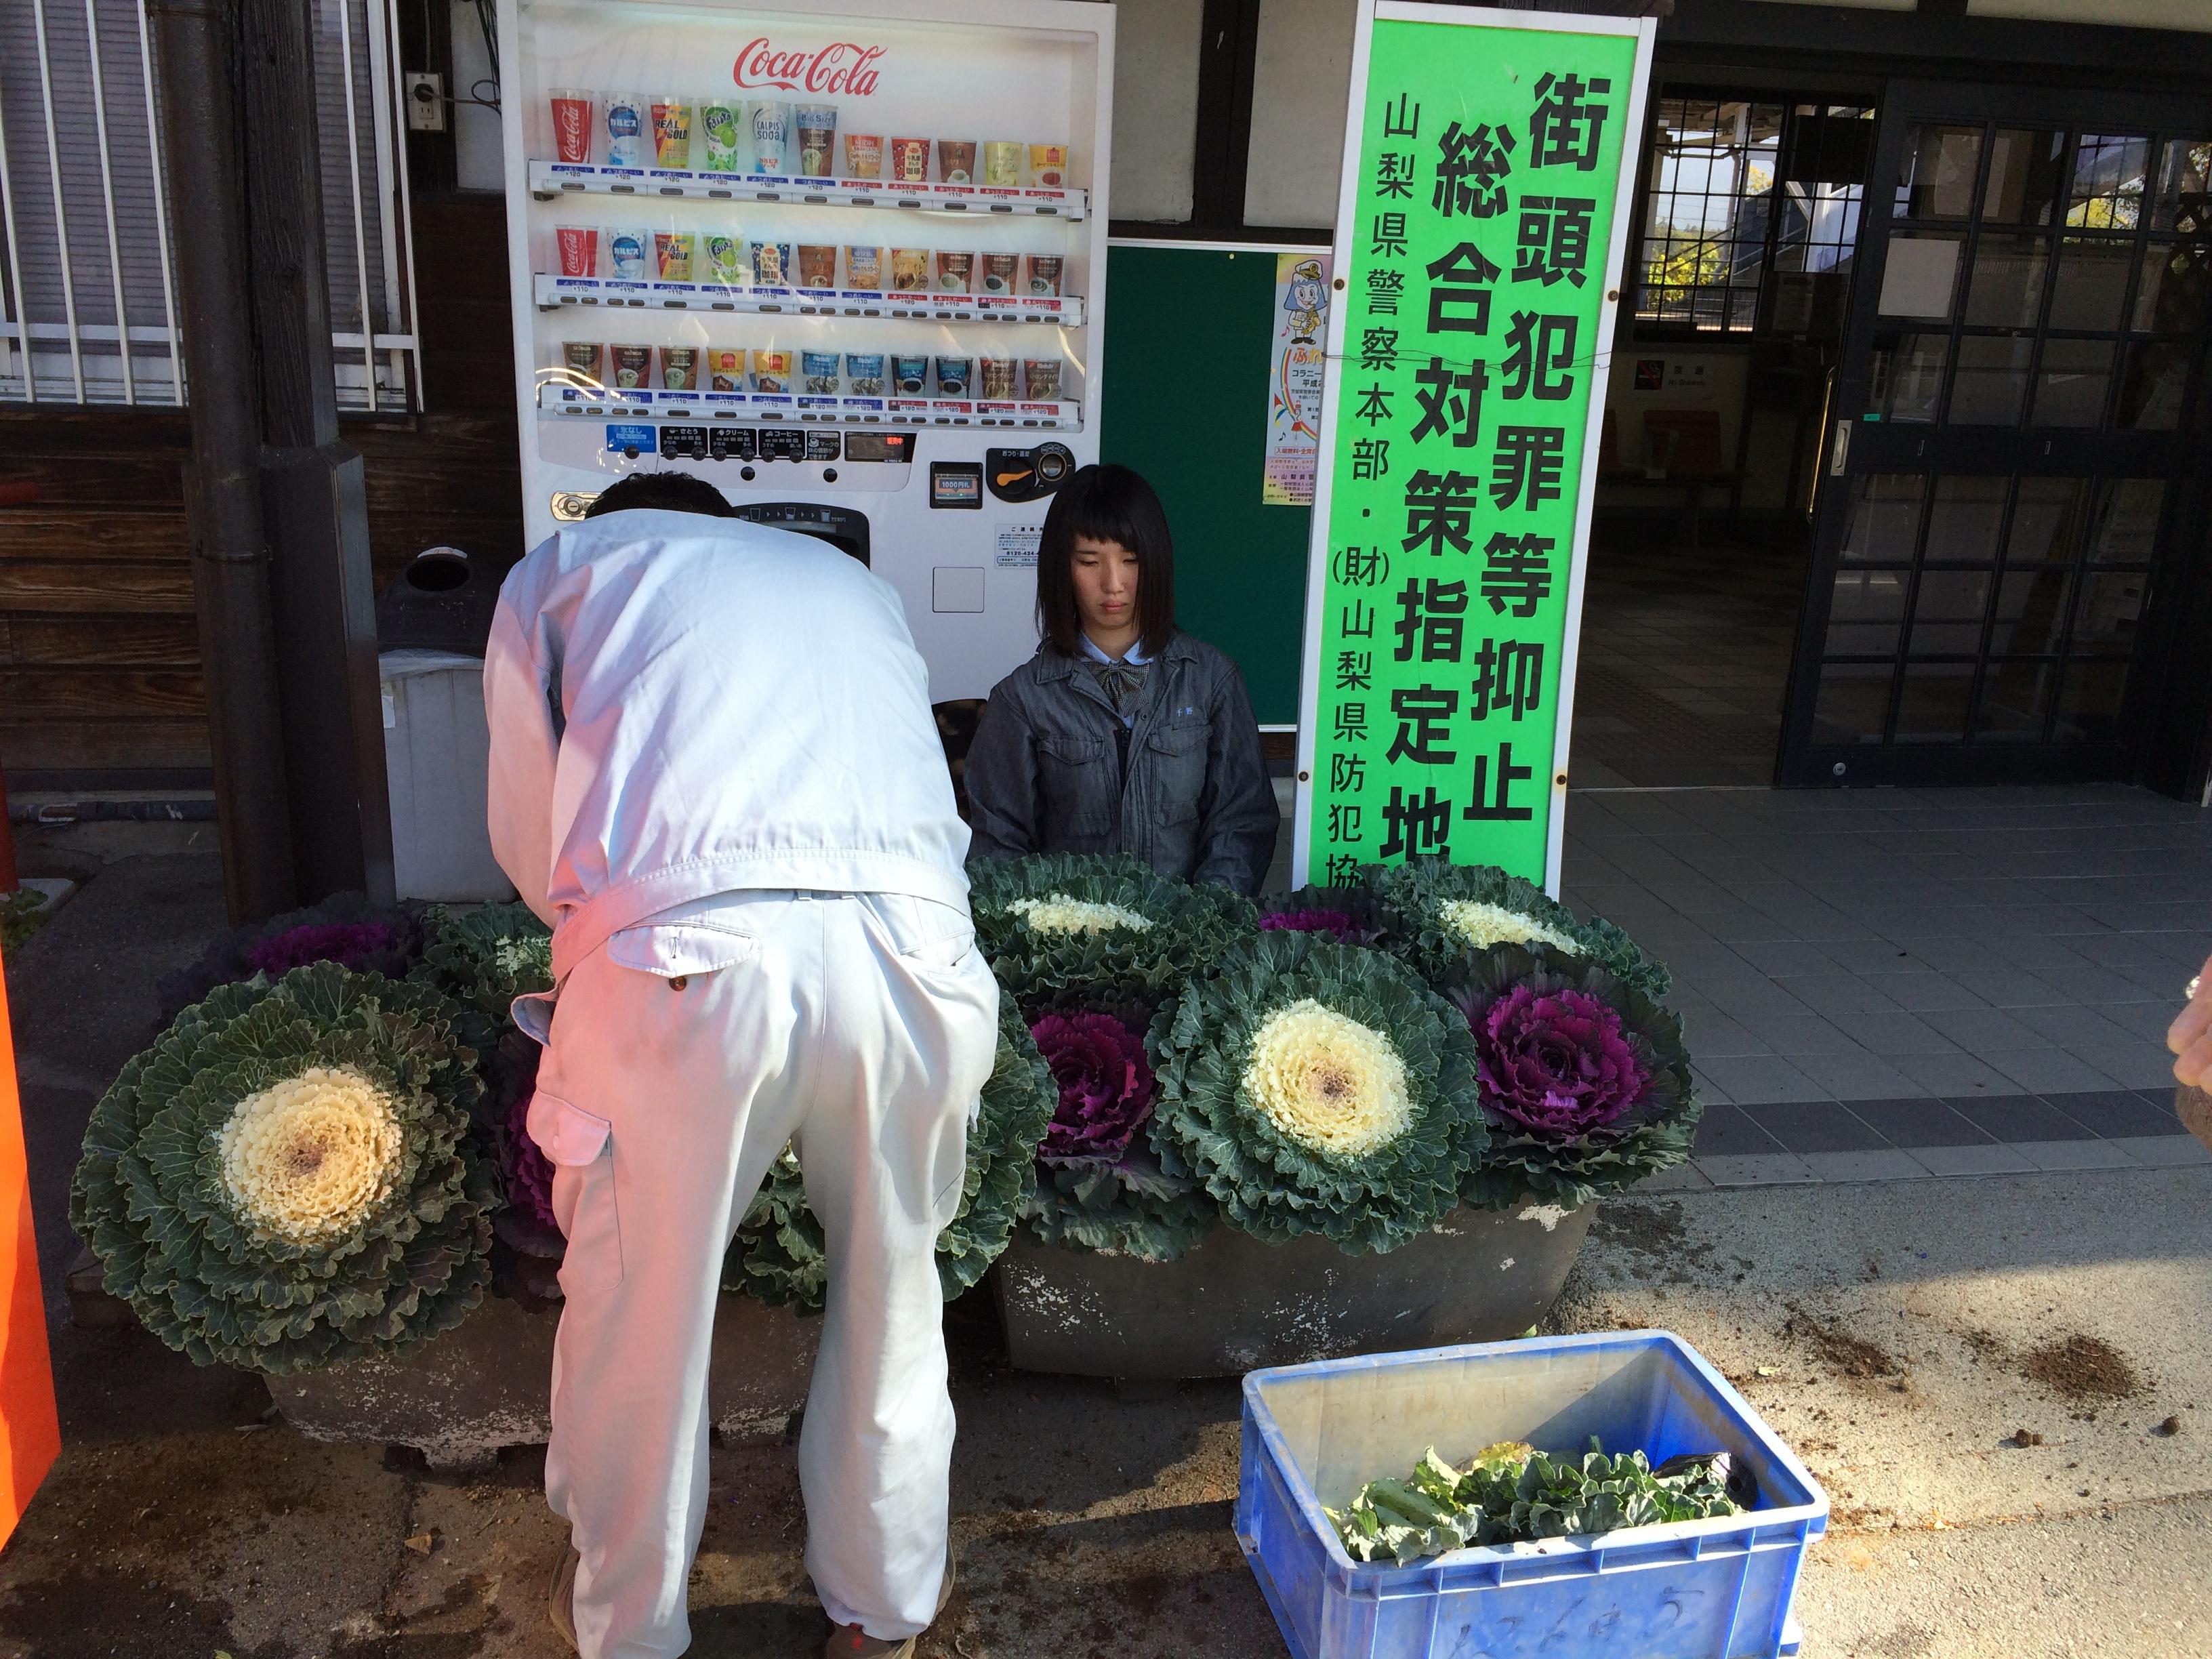 http://www.yamanashi-kankou.jp/blog/%E9%A3%BE%E8%8A%B1%E6%B4%BB%E5%8B%95%EF%BC%92.JPG